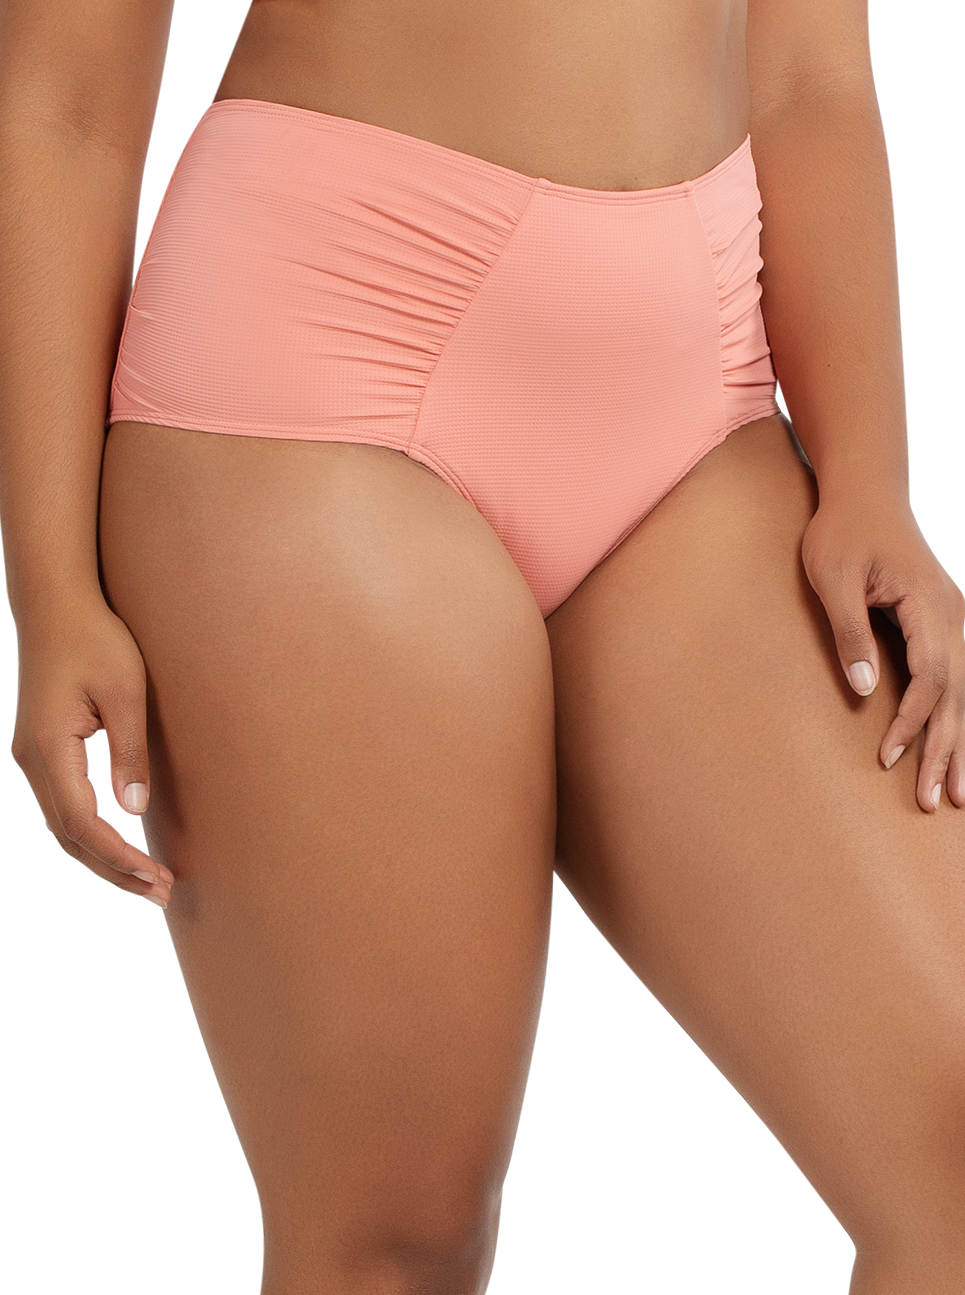 PARFAIT Vivien HighwaistedBottomS8165 PinkBlush Side - Vivien Highwaisted Bottom Pink Blush S8165